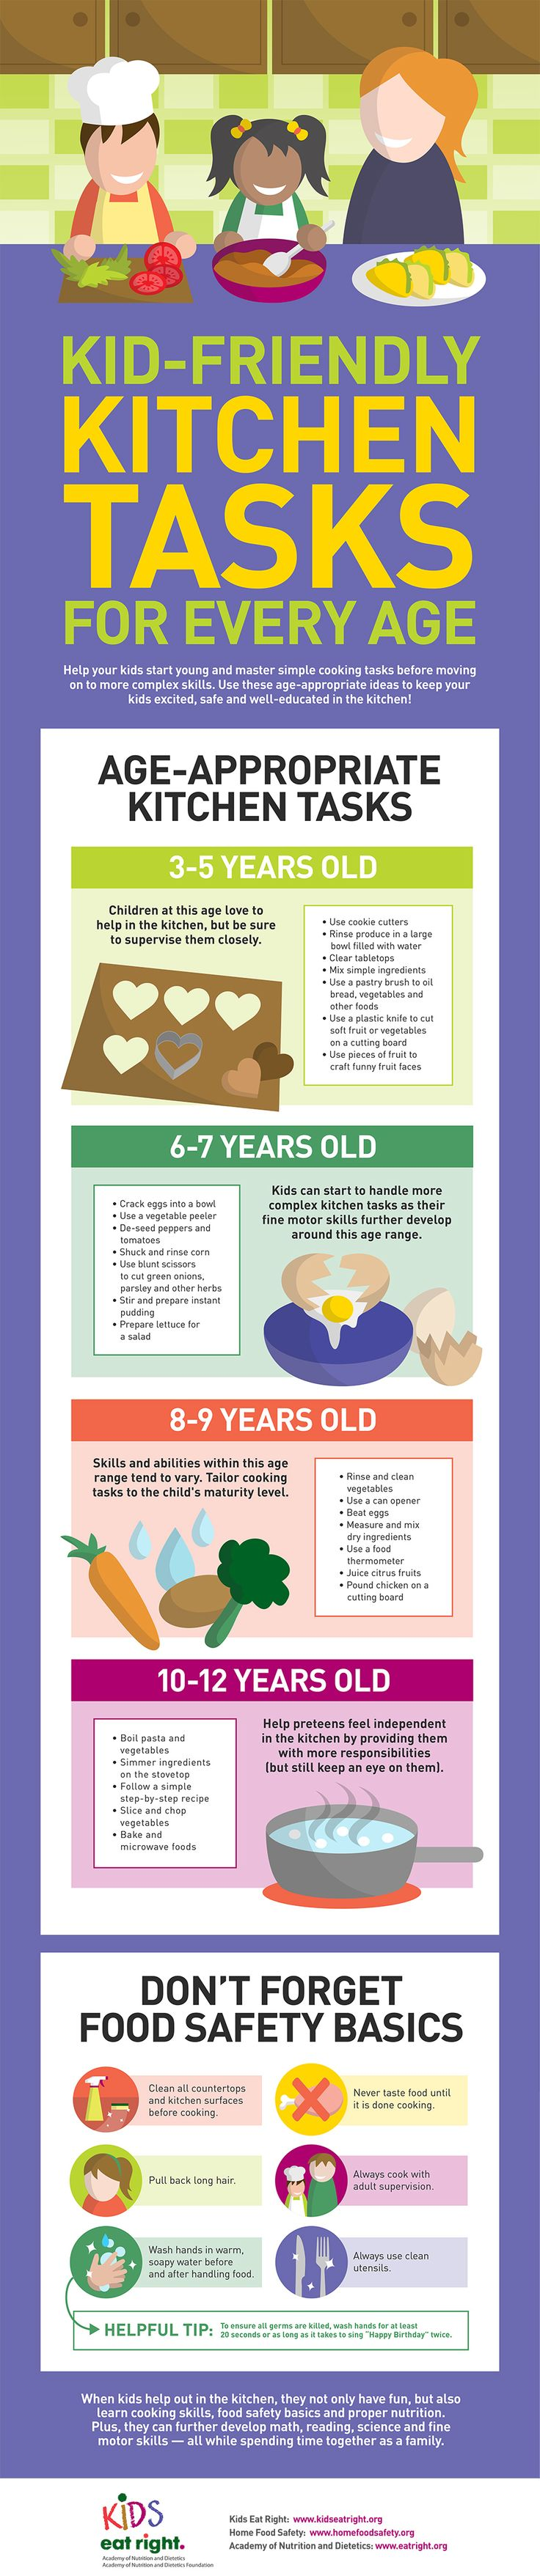 Kid-Friendly Kitchen Tasks #kids #kitchen #healthy #help #cooking #homemade #whatsinmyfood